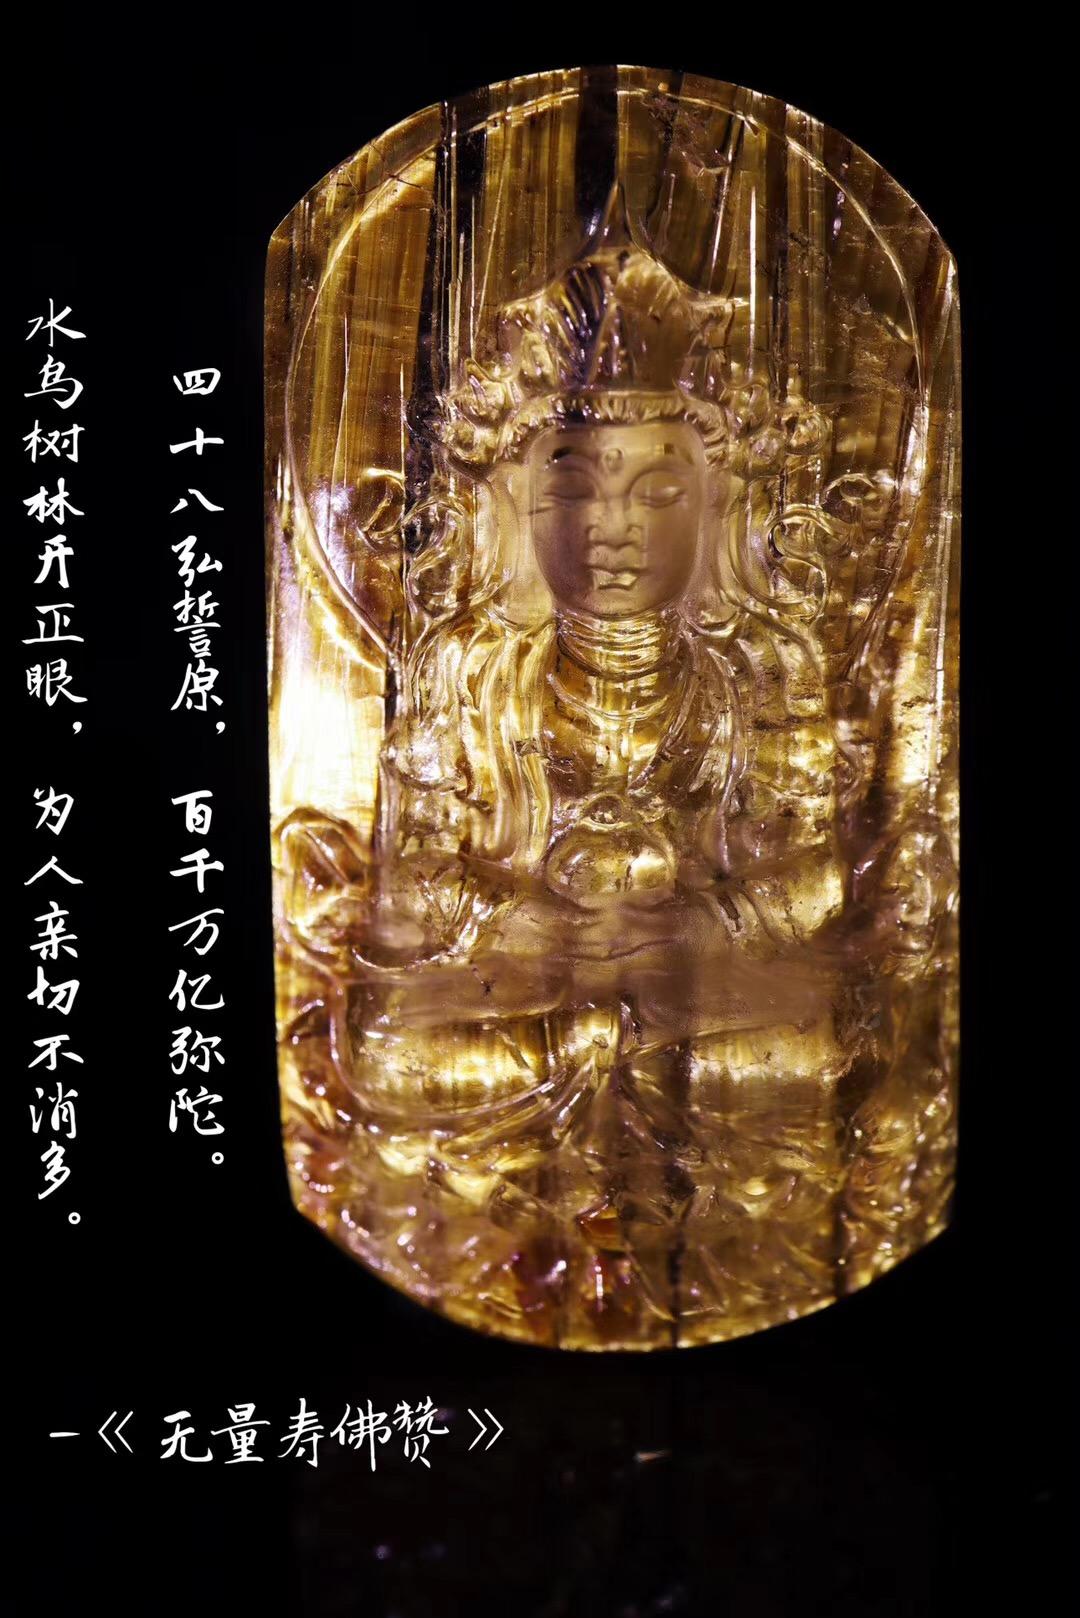 【收藏级钛晶】一尊观音菩萨,一尊无量寿佛,有缘者可请-菩心晶舍